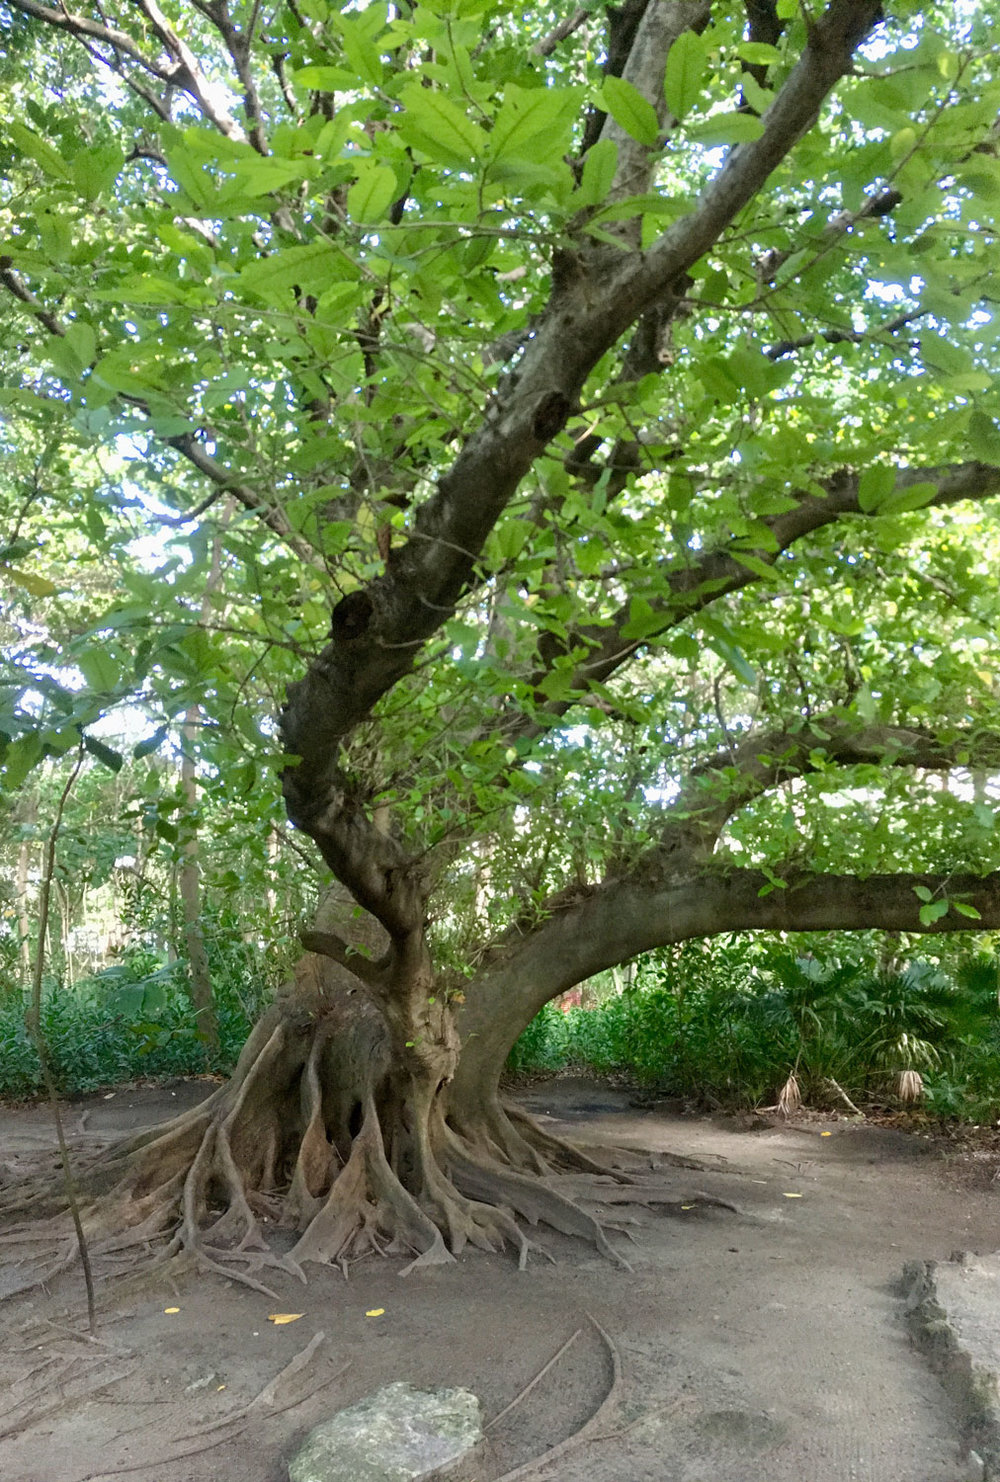 The jungle park of San Miguelito. Right: termite nest.